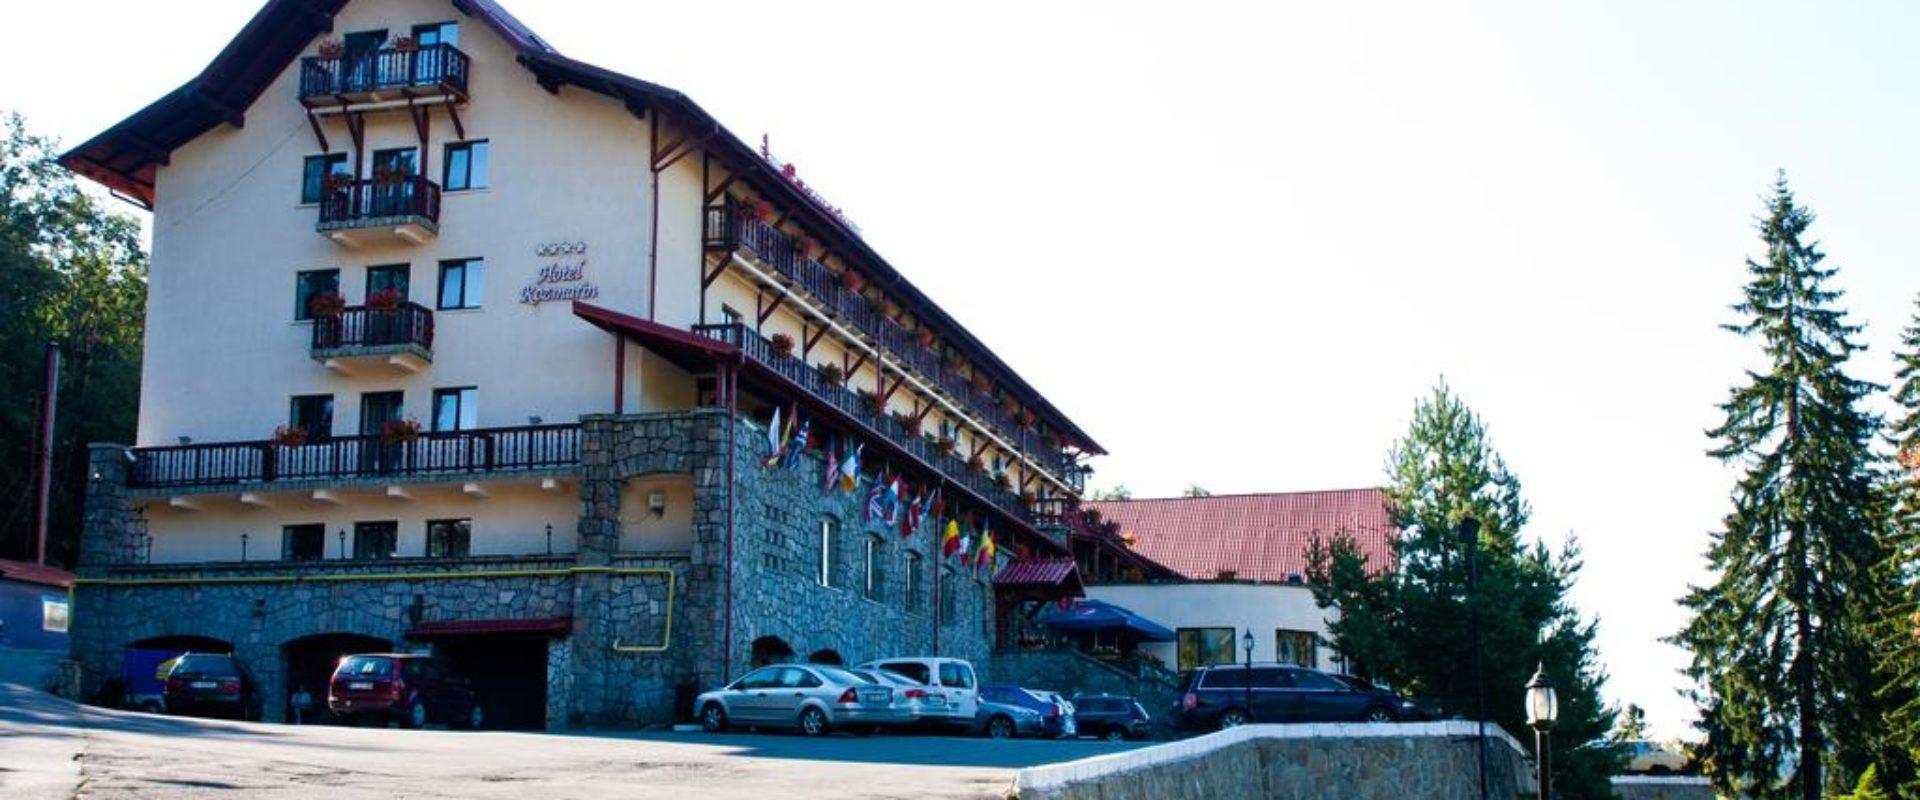 Sejur în Predeal, autocar din Chișinău, Hotel Rozmarin